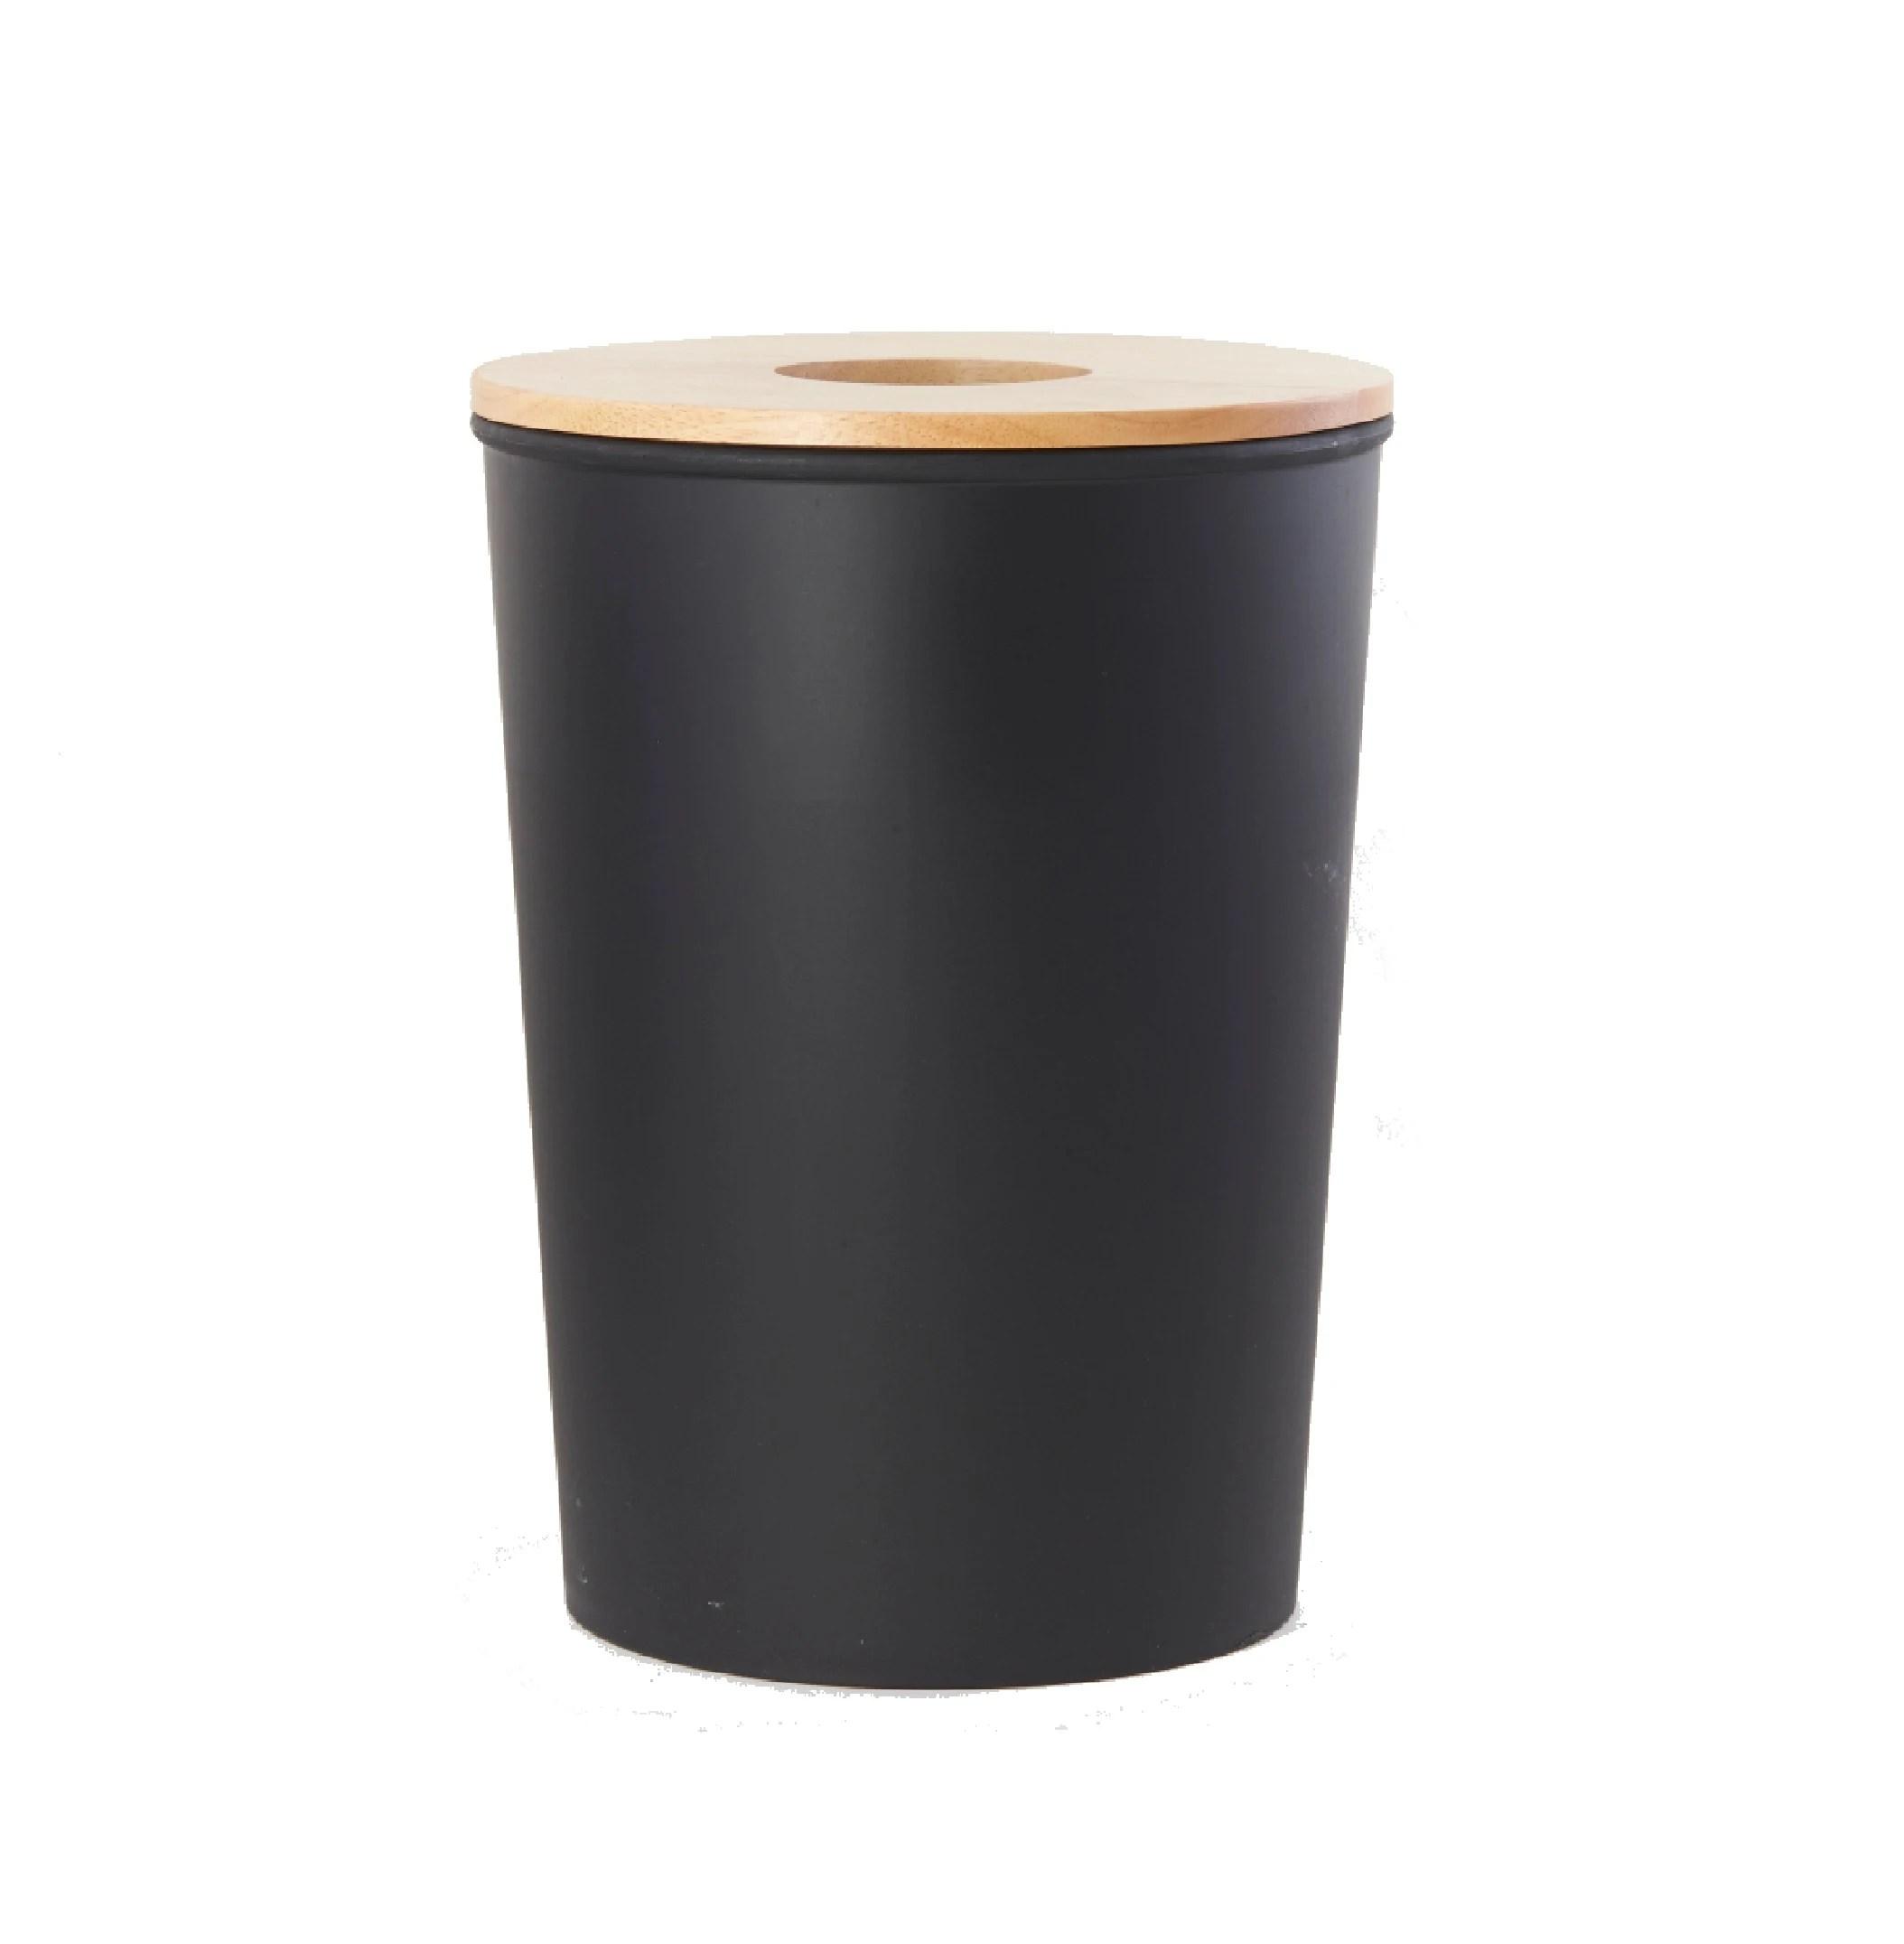 poubelle de salle de bain noire 7l avec couvercle en bois